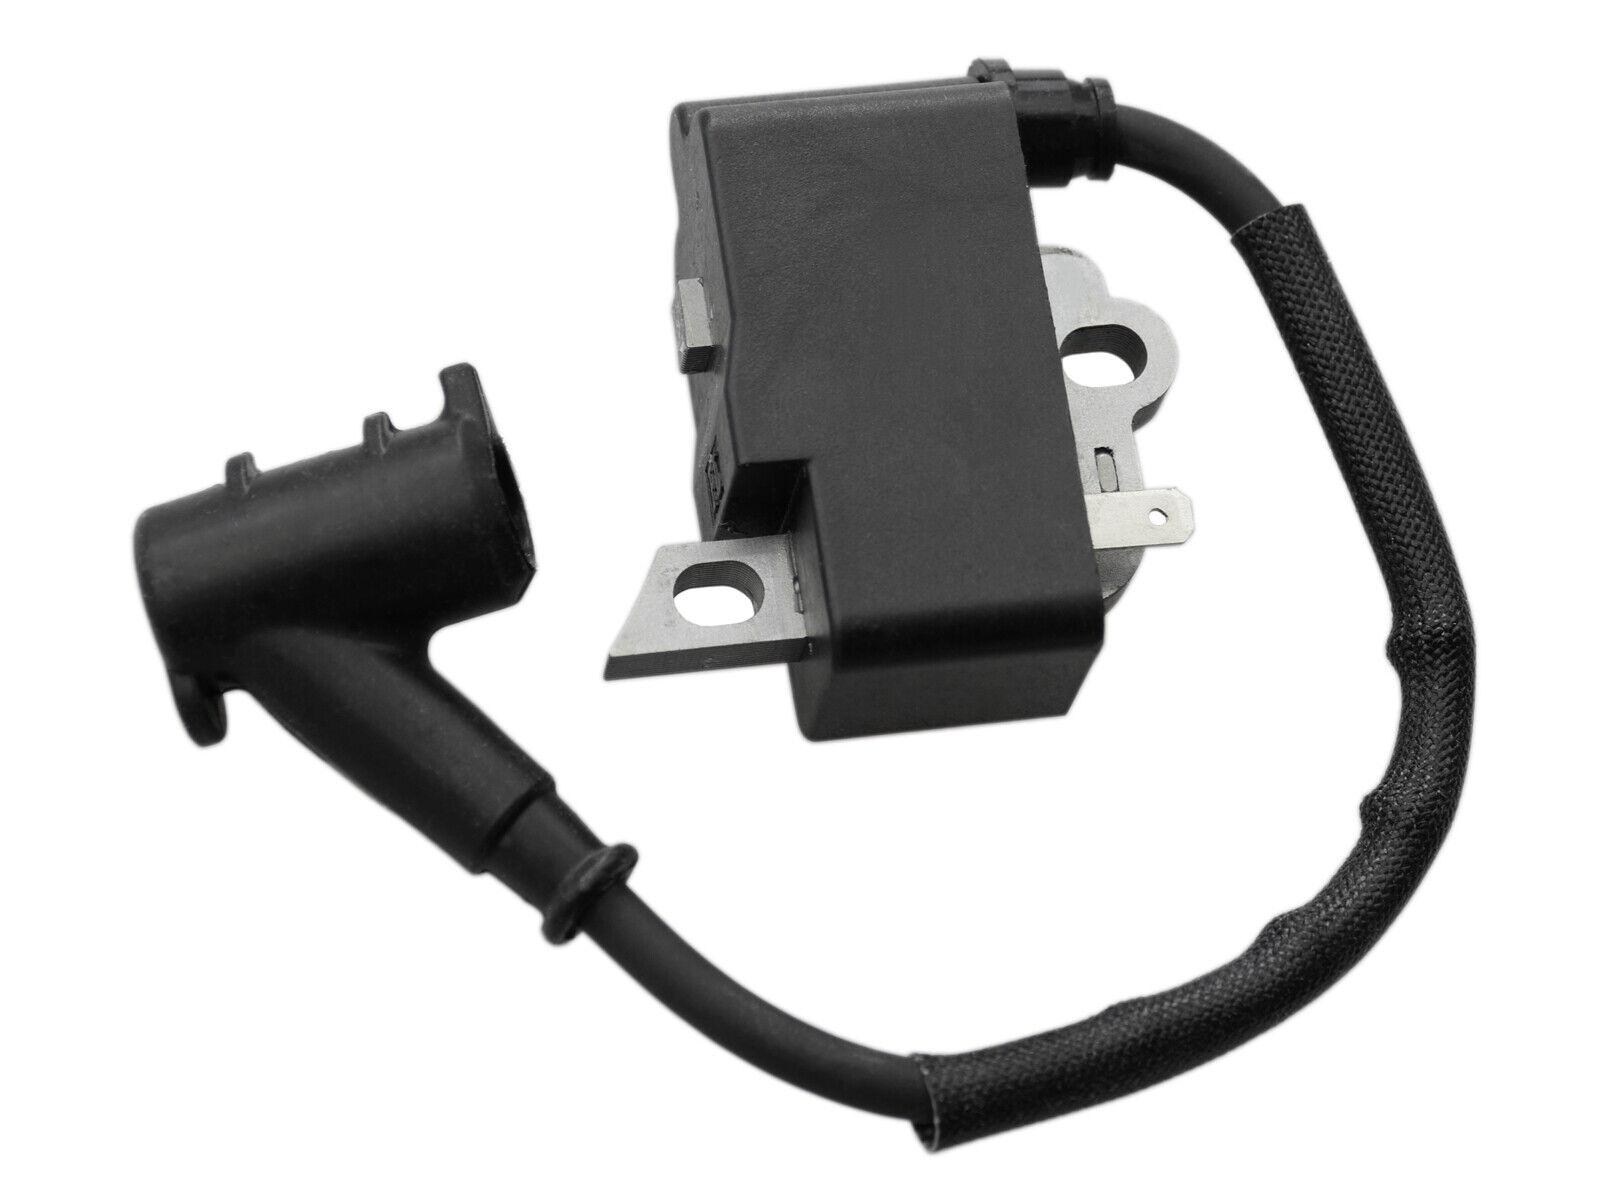 für Stihl 066 MS660 ignition coil kleiner Lochabstand Zündanker